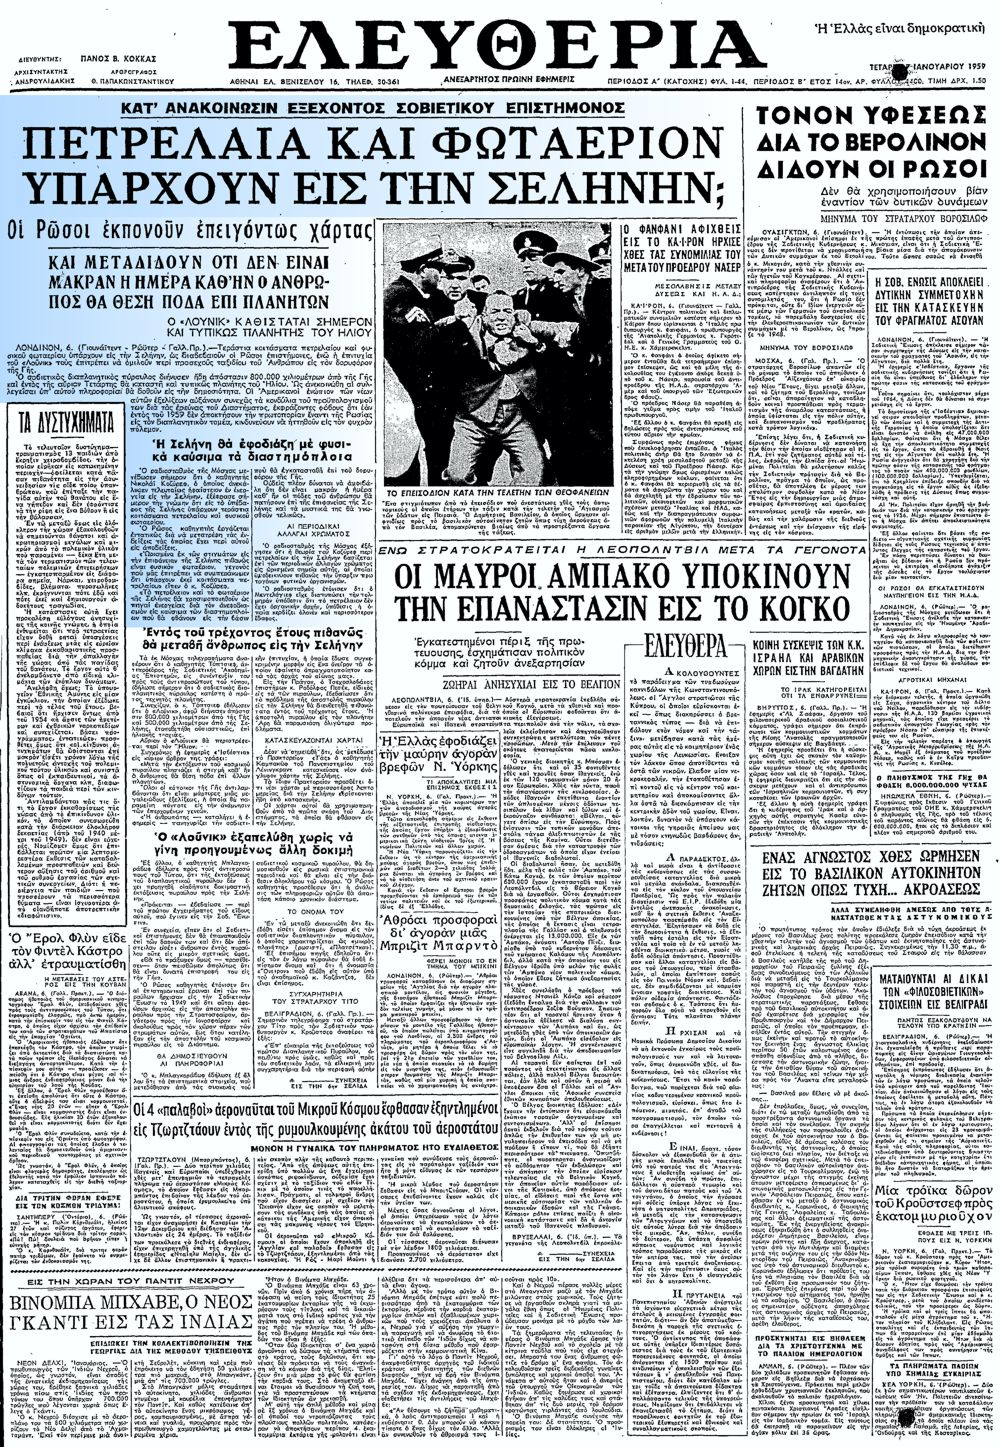 """Το άρθρο, όπως δημοσιεύθηκε στην εφημερίδα """"ΕΛΕΥΘΕΡΙΑ"""", στις 07/01/1959"""